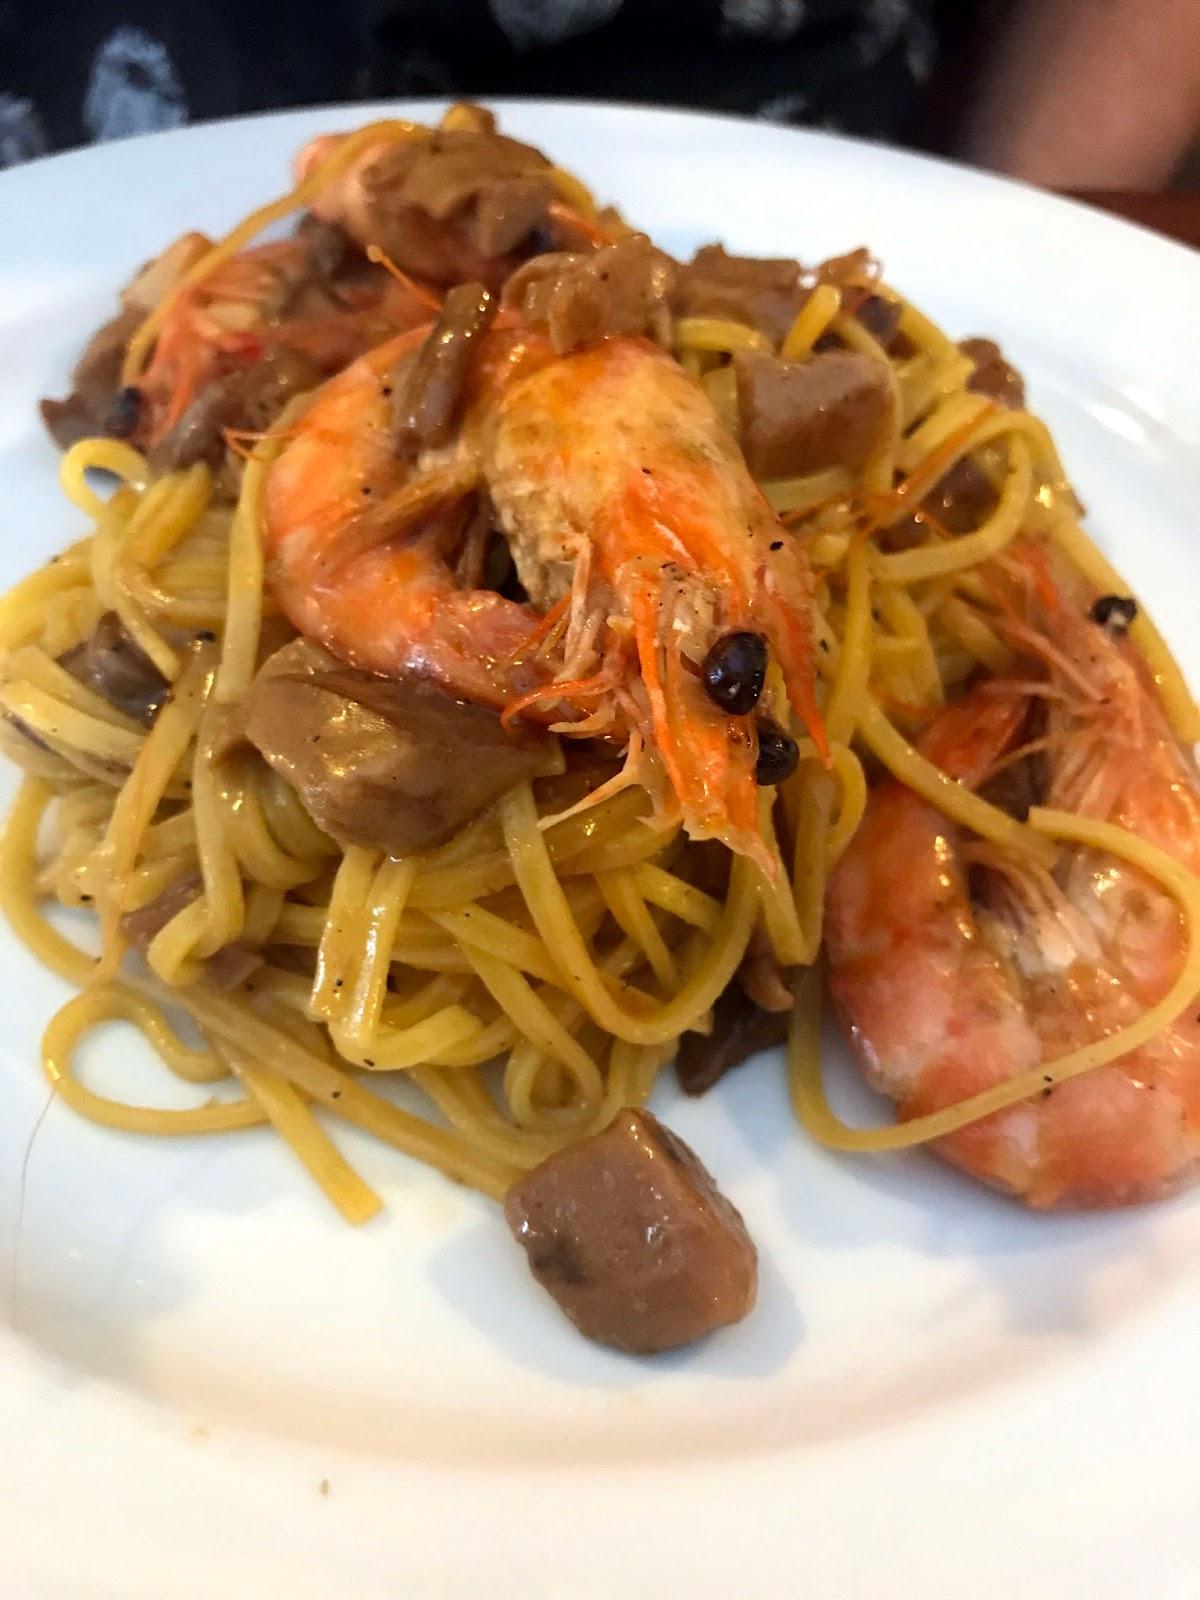 Stitch & Bear - Caffe Amore - Linguini gamberoni e porcini